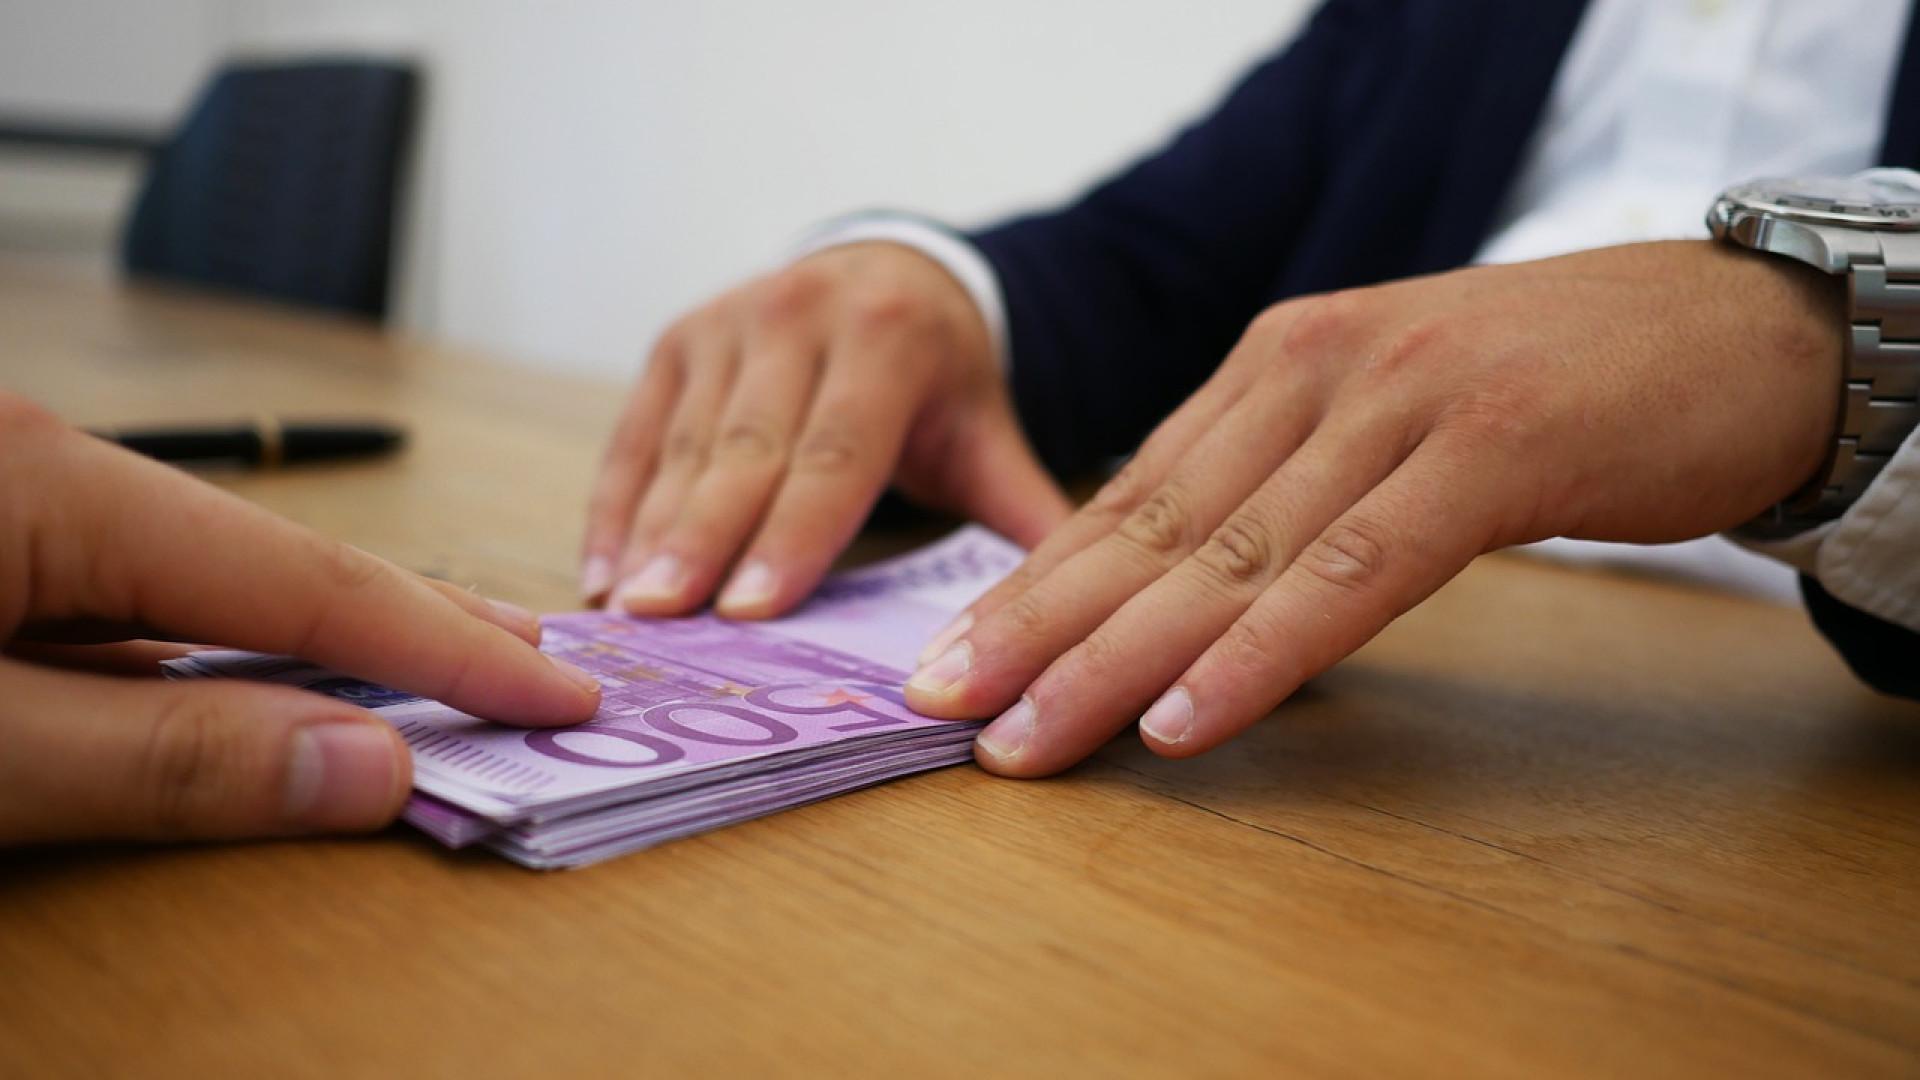 Comment obtenir un crédit conso pas cher ?